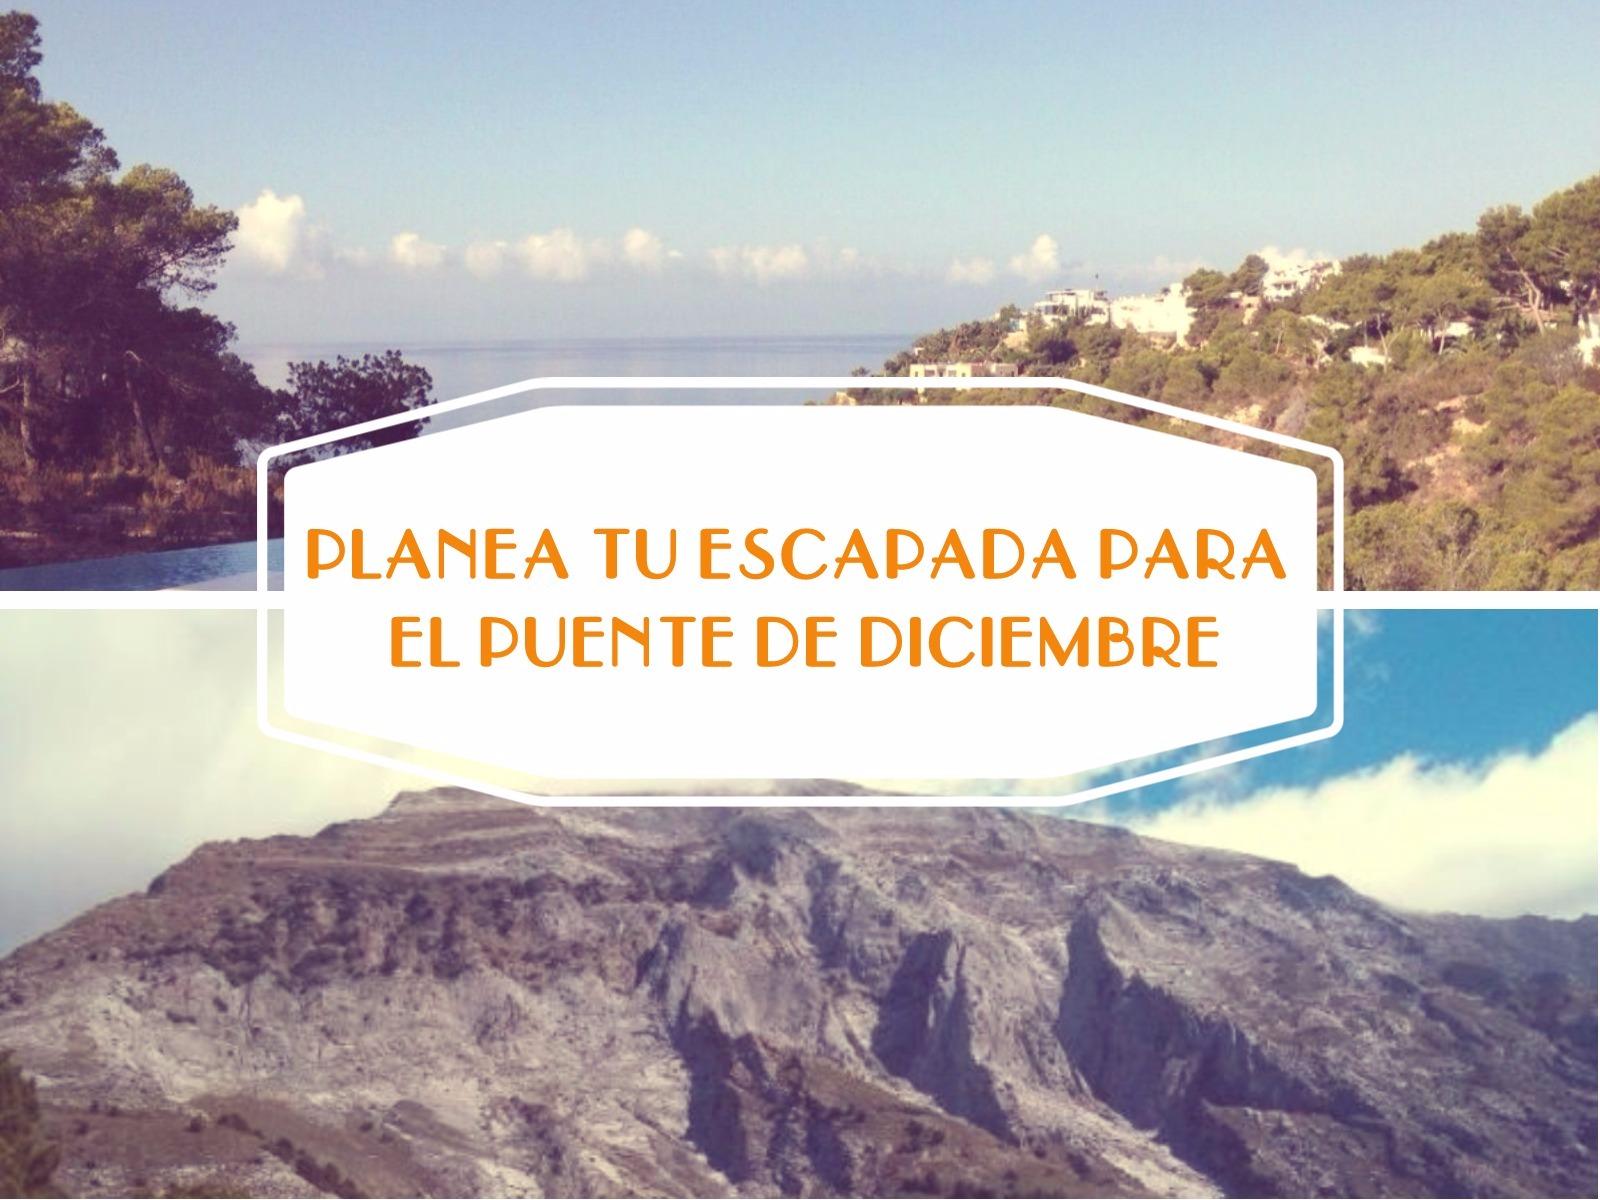 ESCAPADA1 - Desde la Sierra Blanca hasta las Islas Canarias ¡Planea tu escapada para el puente de diciembre!